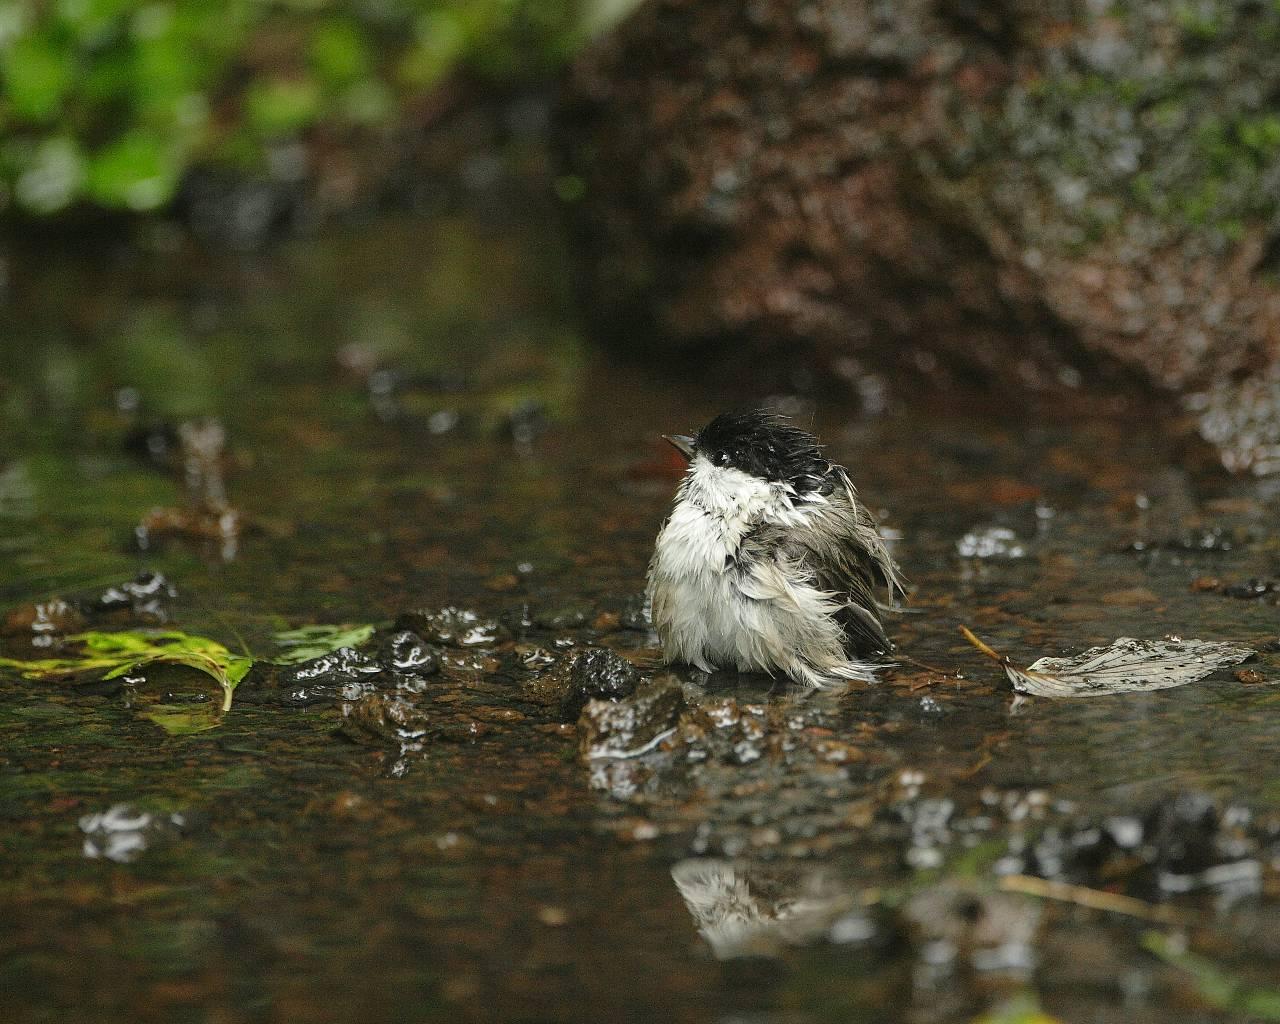 水浴びするコガラ(可愛い野鳥の涼しげな水浴びシーンの壁紙)_f0105570_16314868.jpg